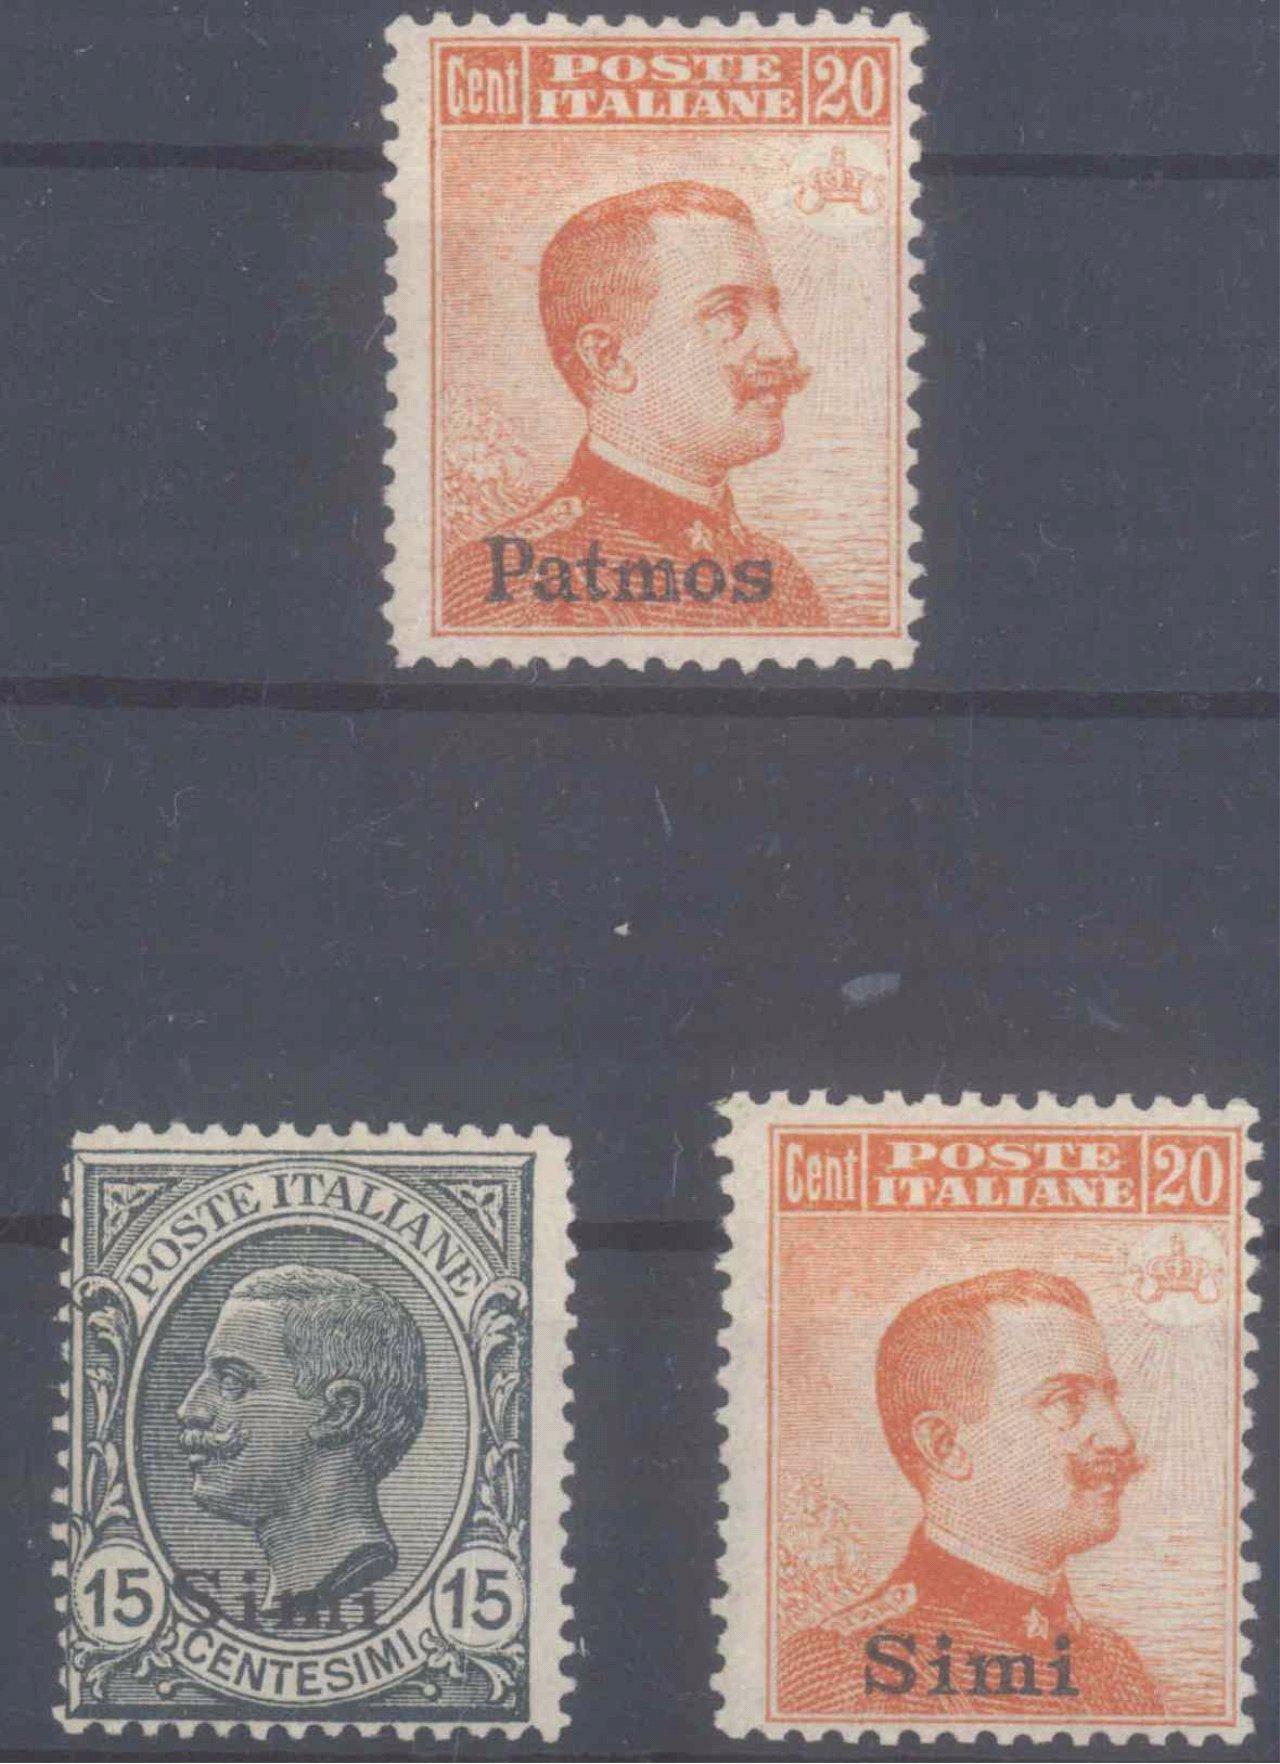 ÄGÄISCHE INSELN 1912 – PATMOS un SIMI